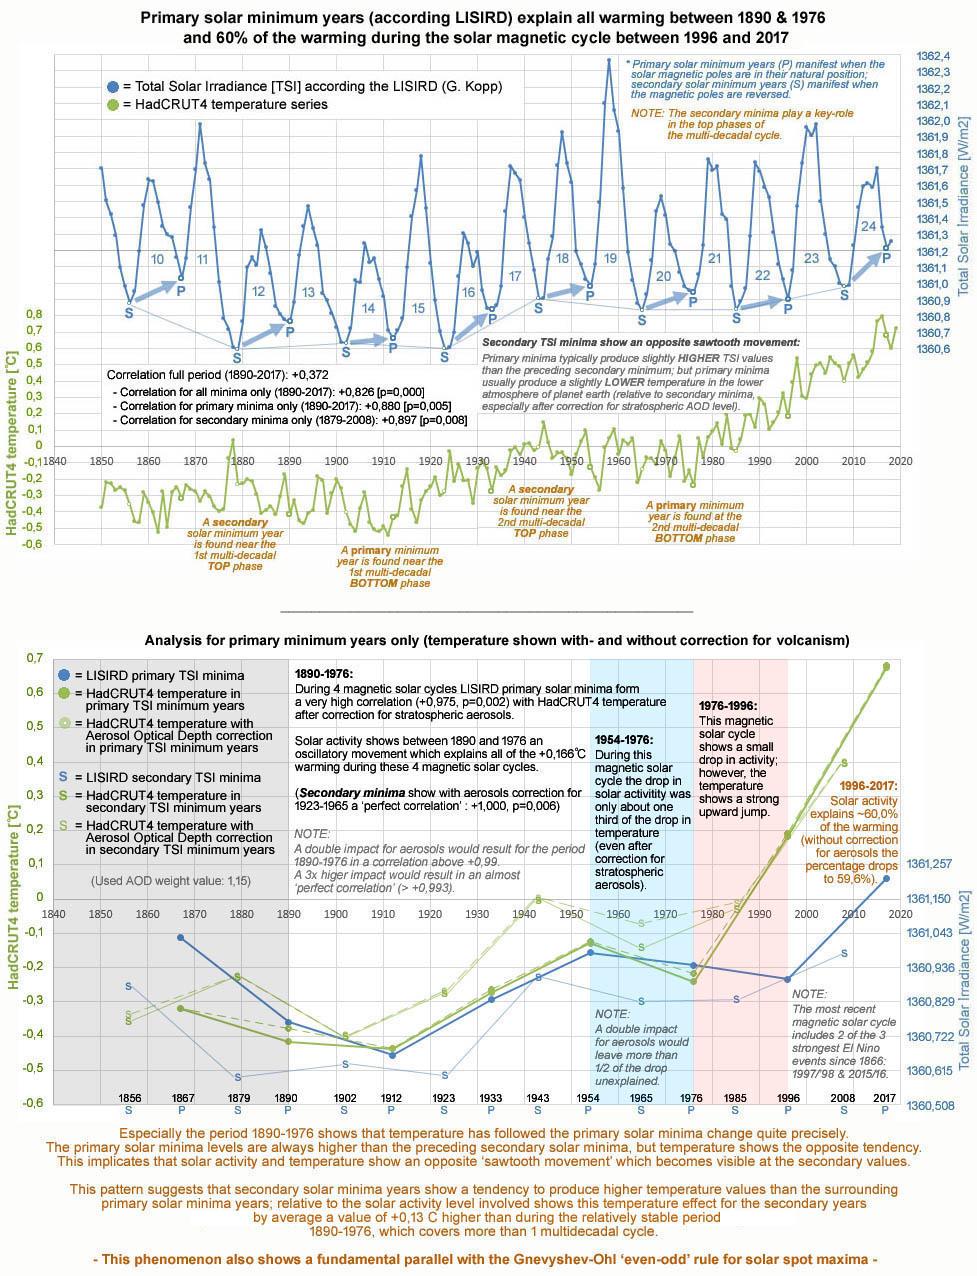 Figuur 1: De opwarming tussen 1890 en 1976 wordt geheel verklaard door de LISIRD primaire zonneminima jaren via een perfecte correlatie (na een hoge correctie voor vulkanisme).